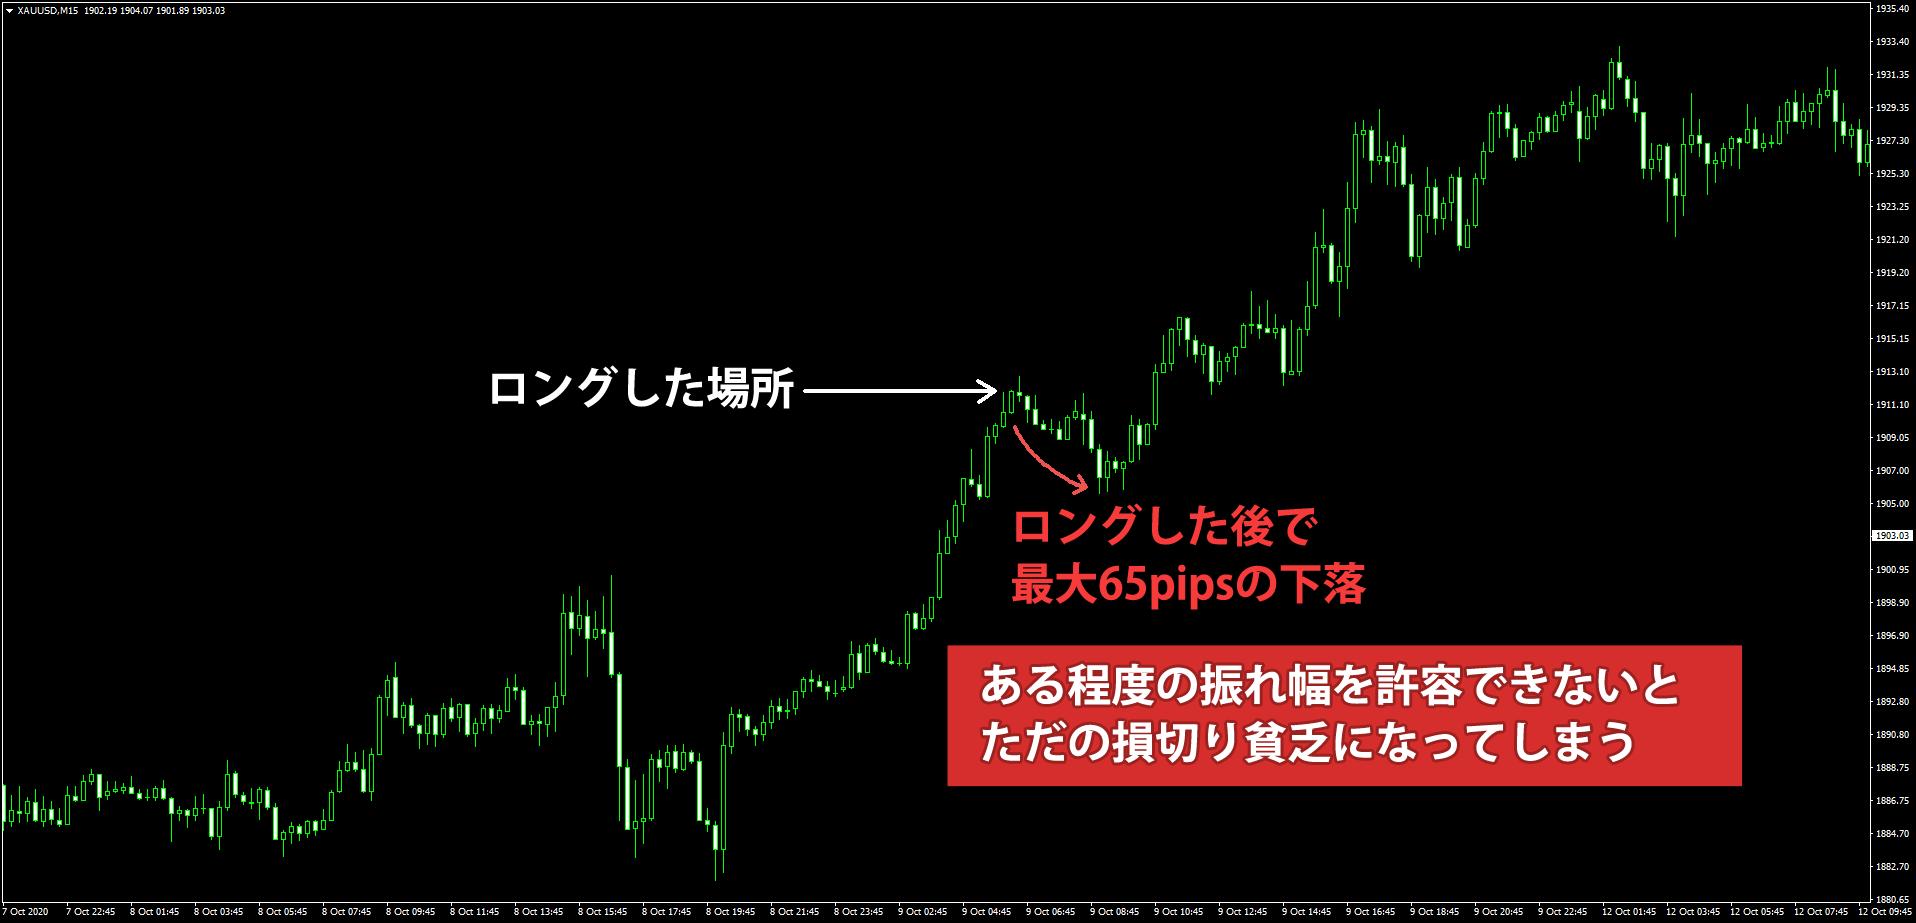 (サンプル)ゴールドのロング後の値動き